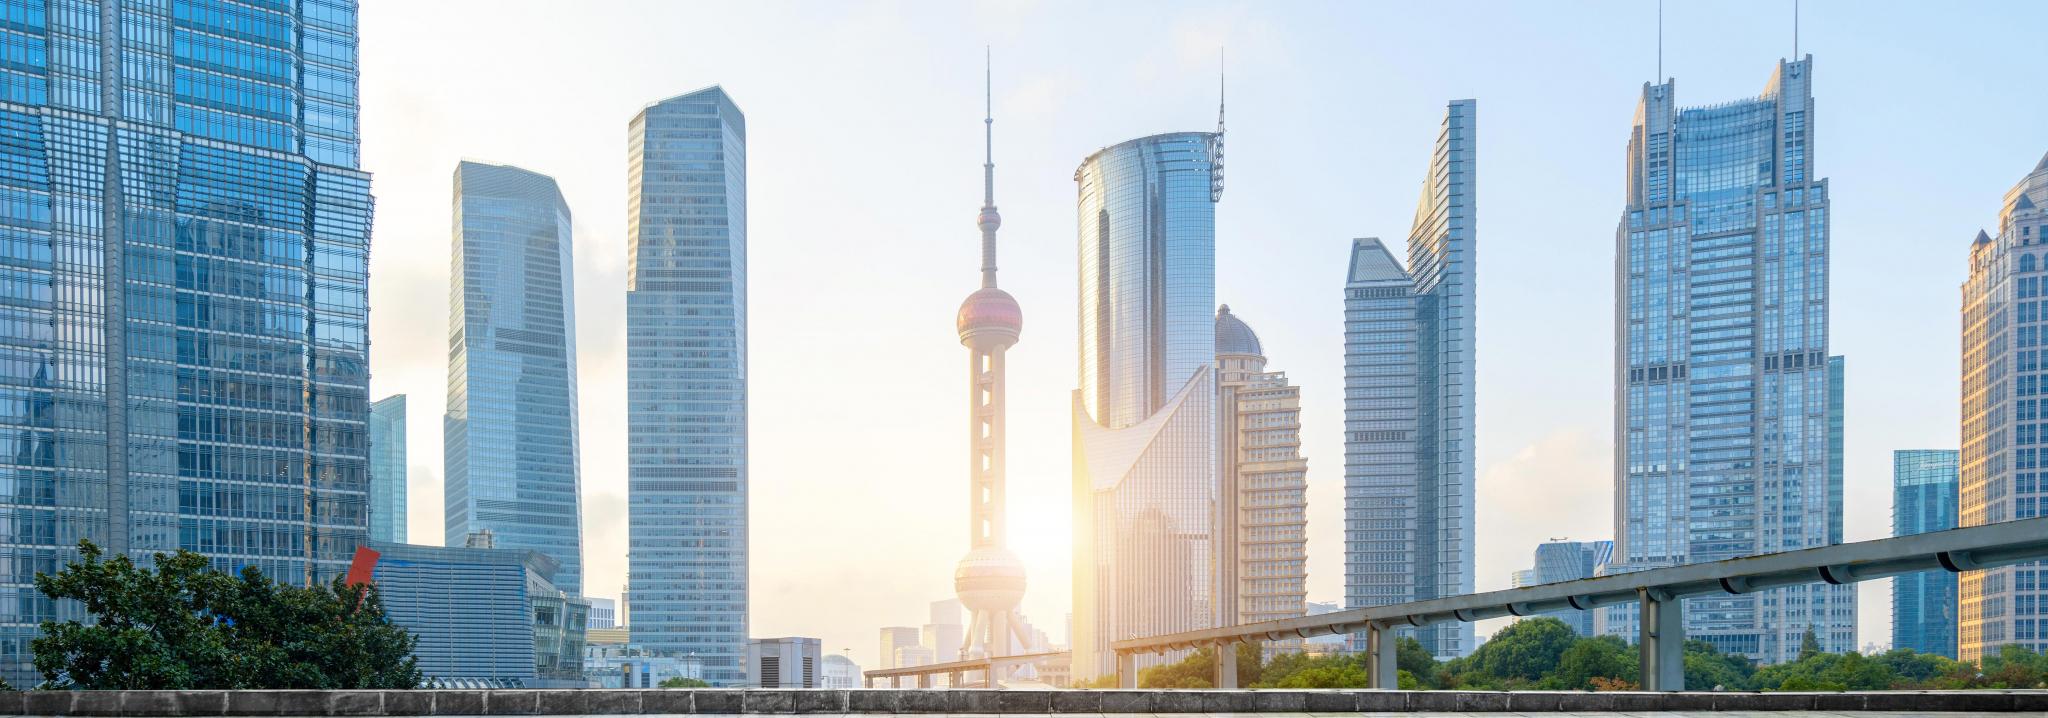 Shanghai, CN image